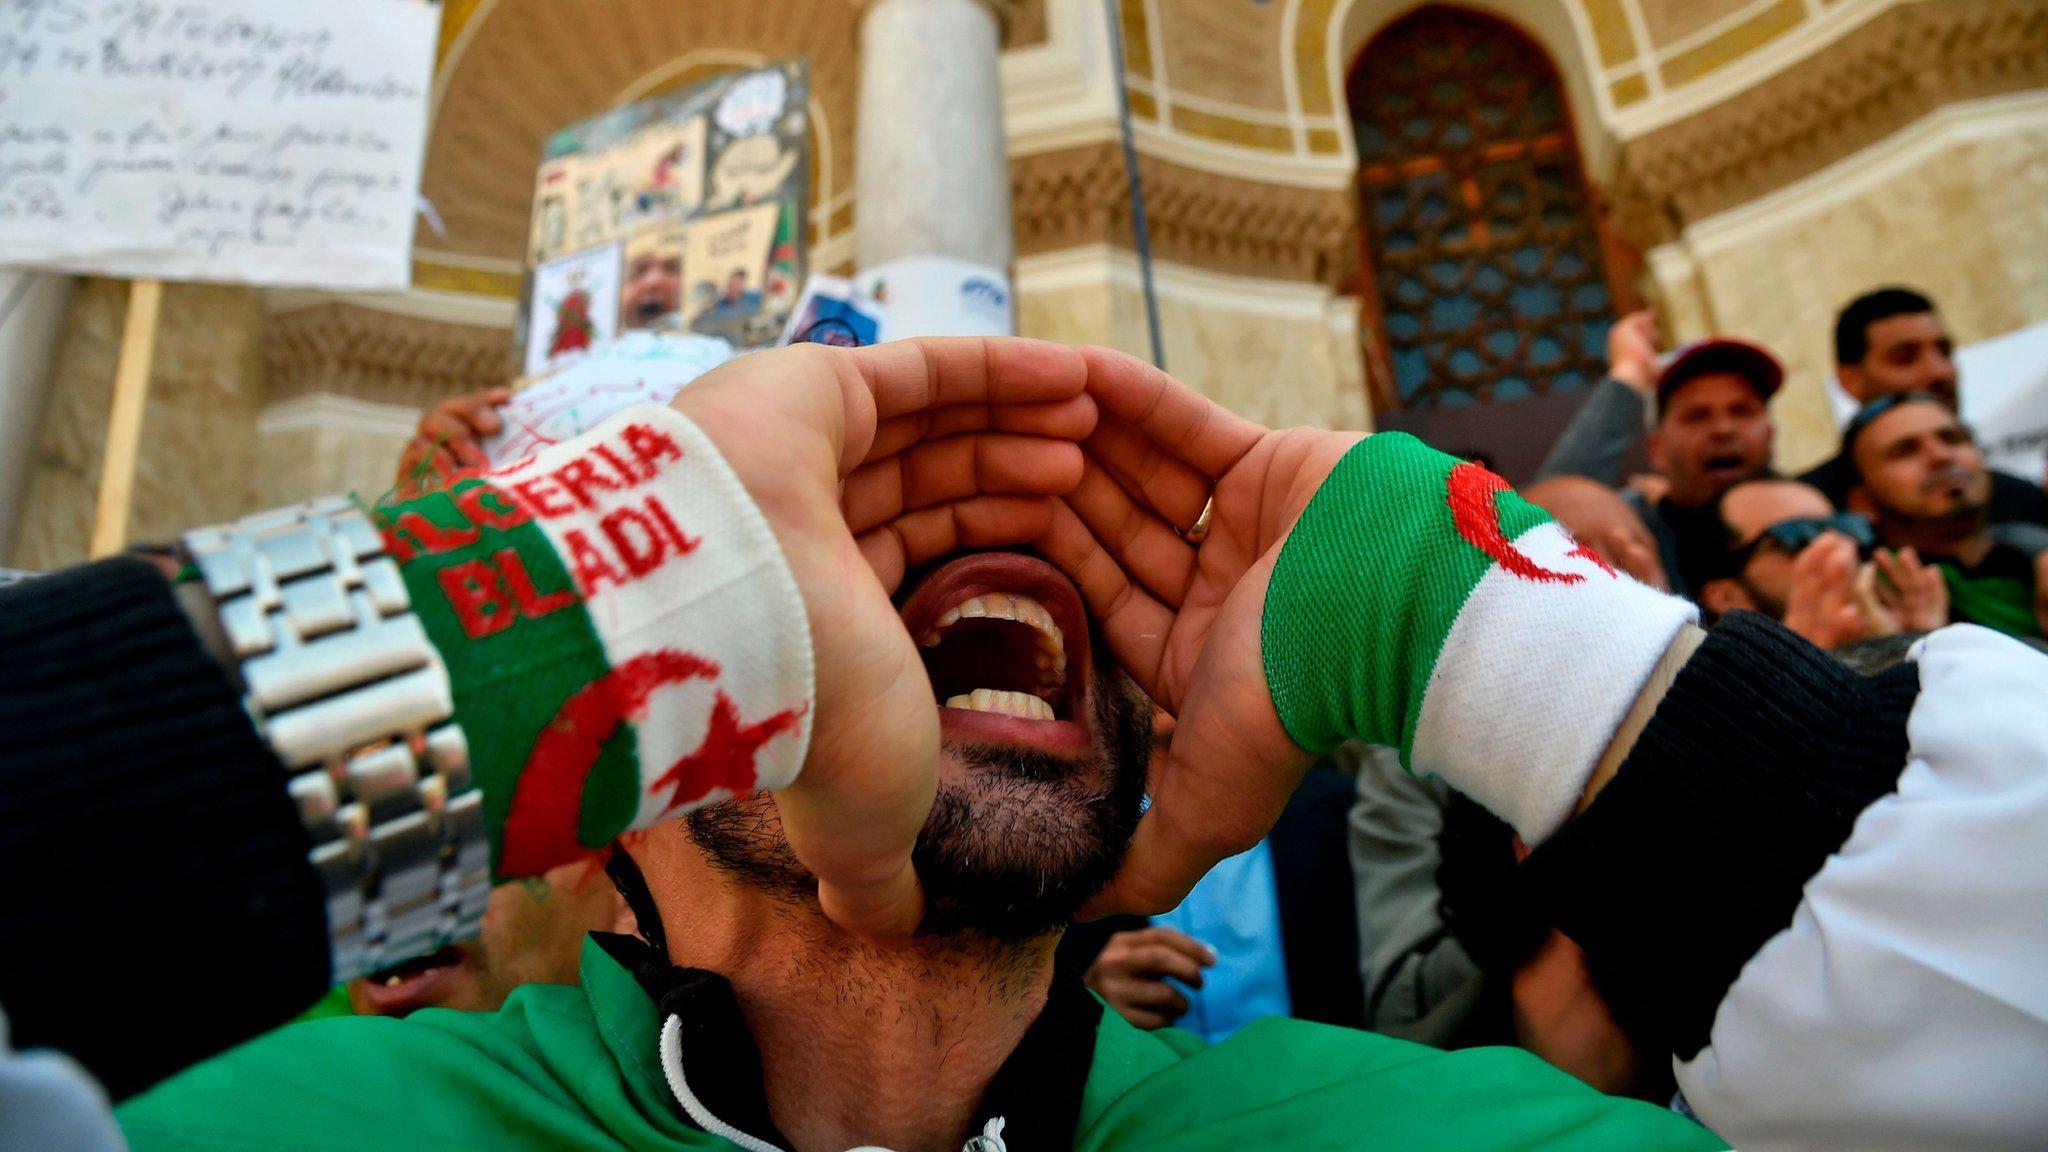 لم تمنع الوعود التي قطعها الرئيس الجزائري الجديد عبد المجيد تبون استمرار الجزائريين بالتظاهر